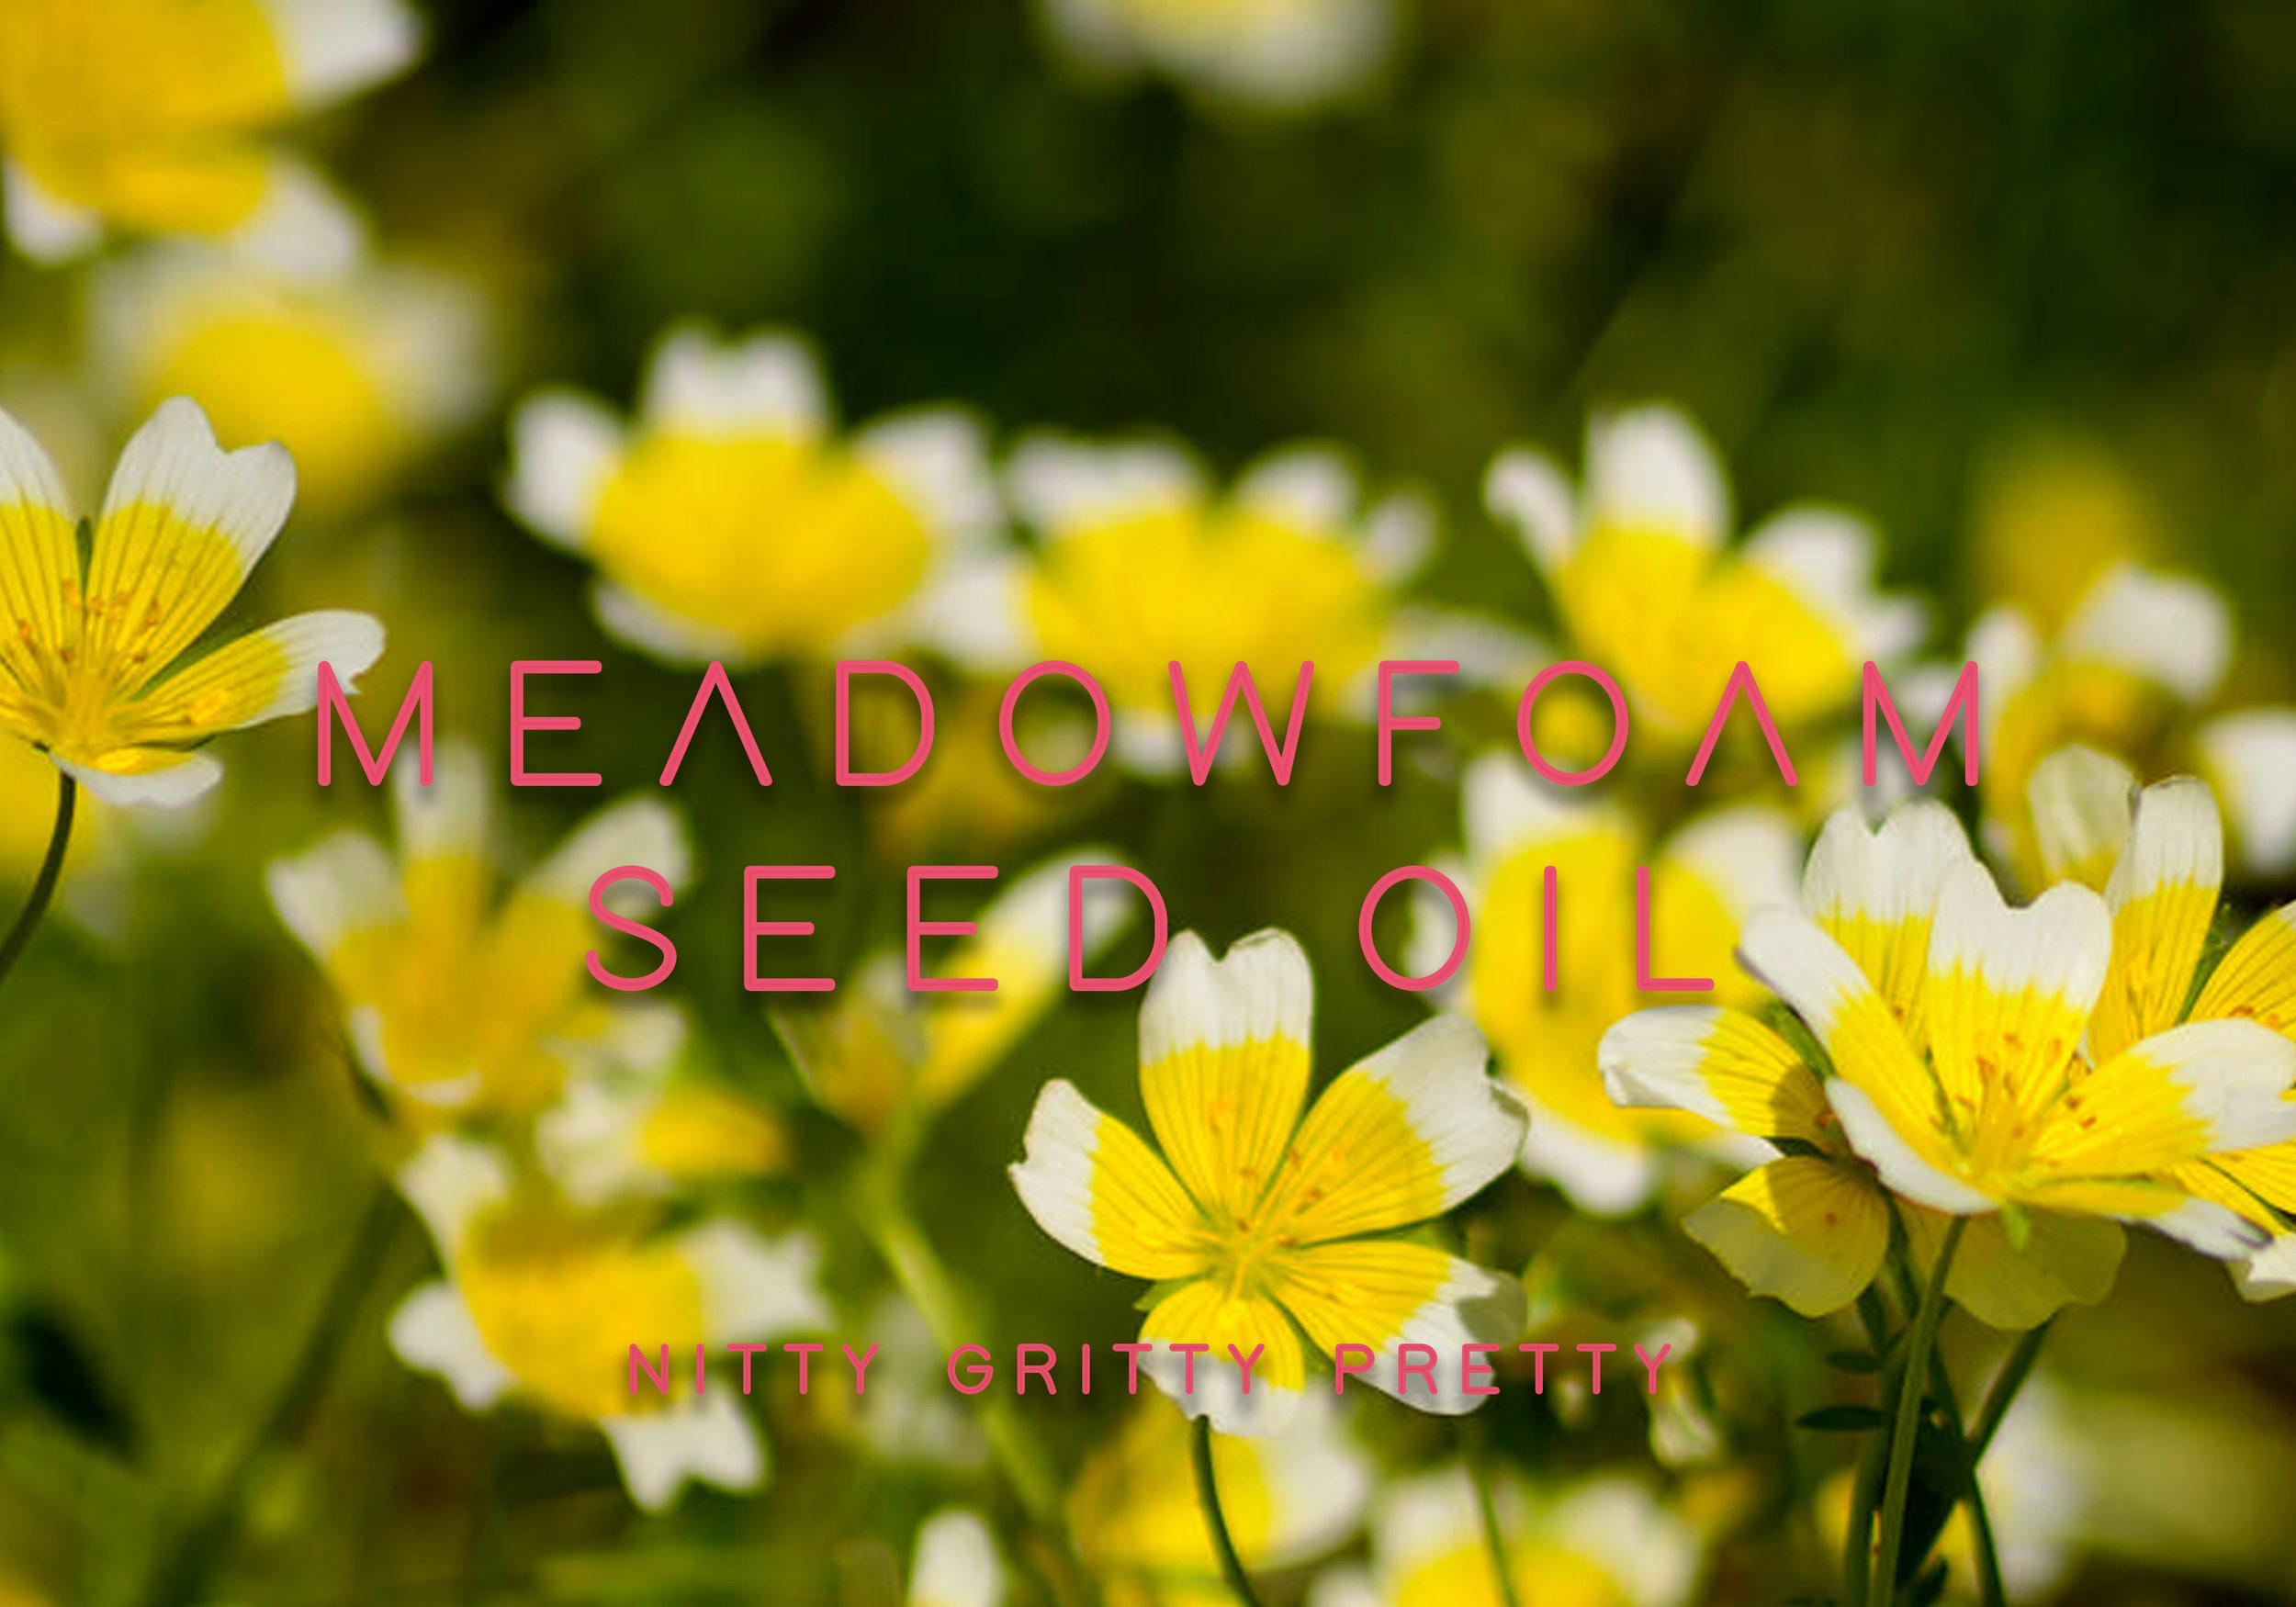 meadowfoamseed.jpg